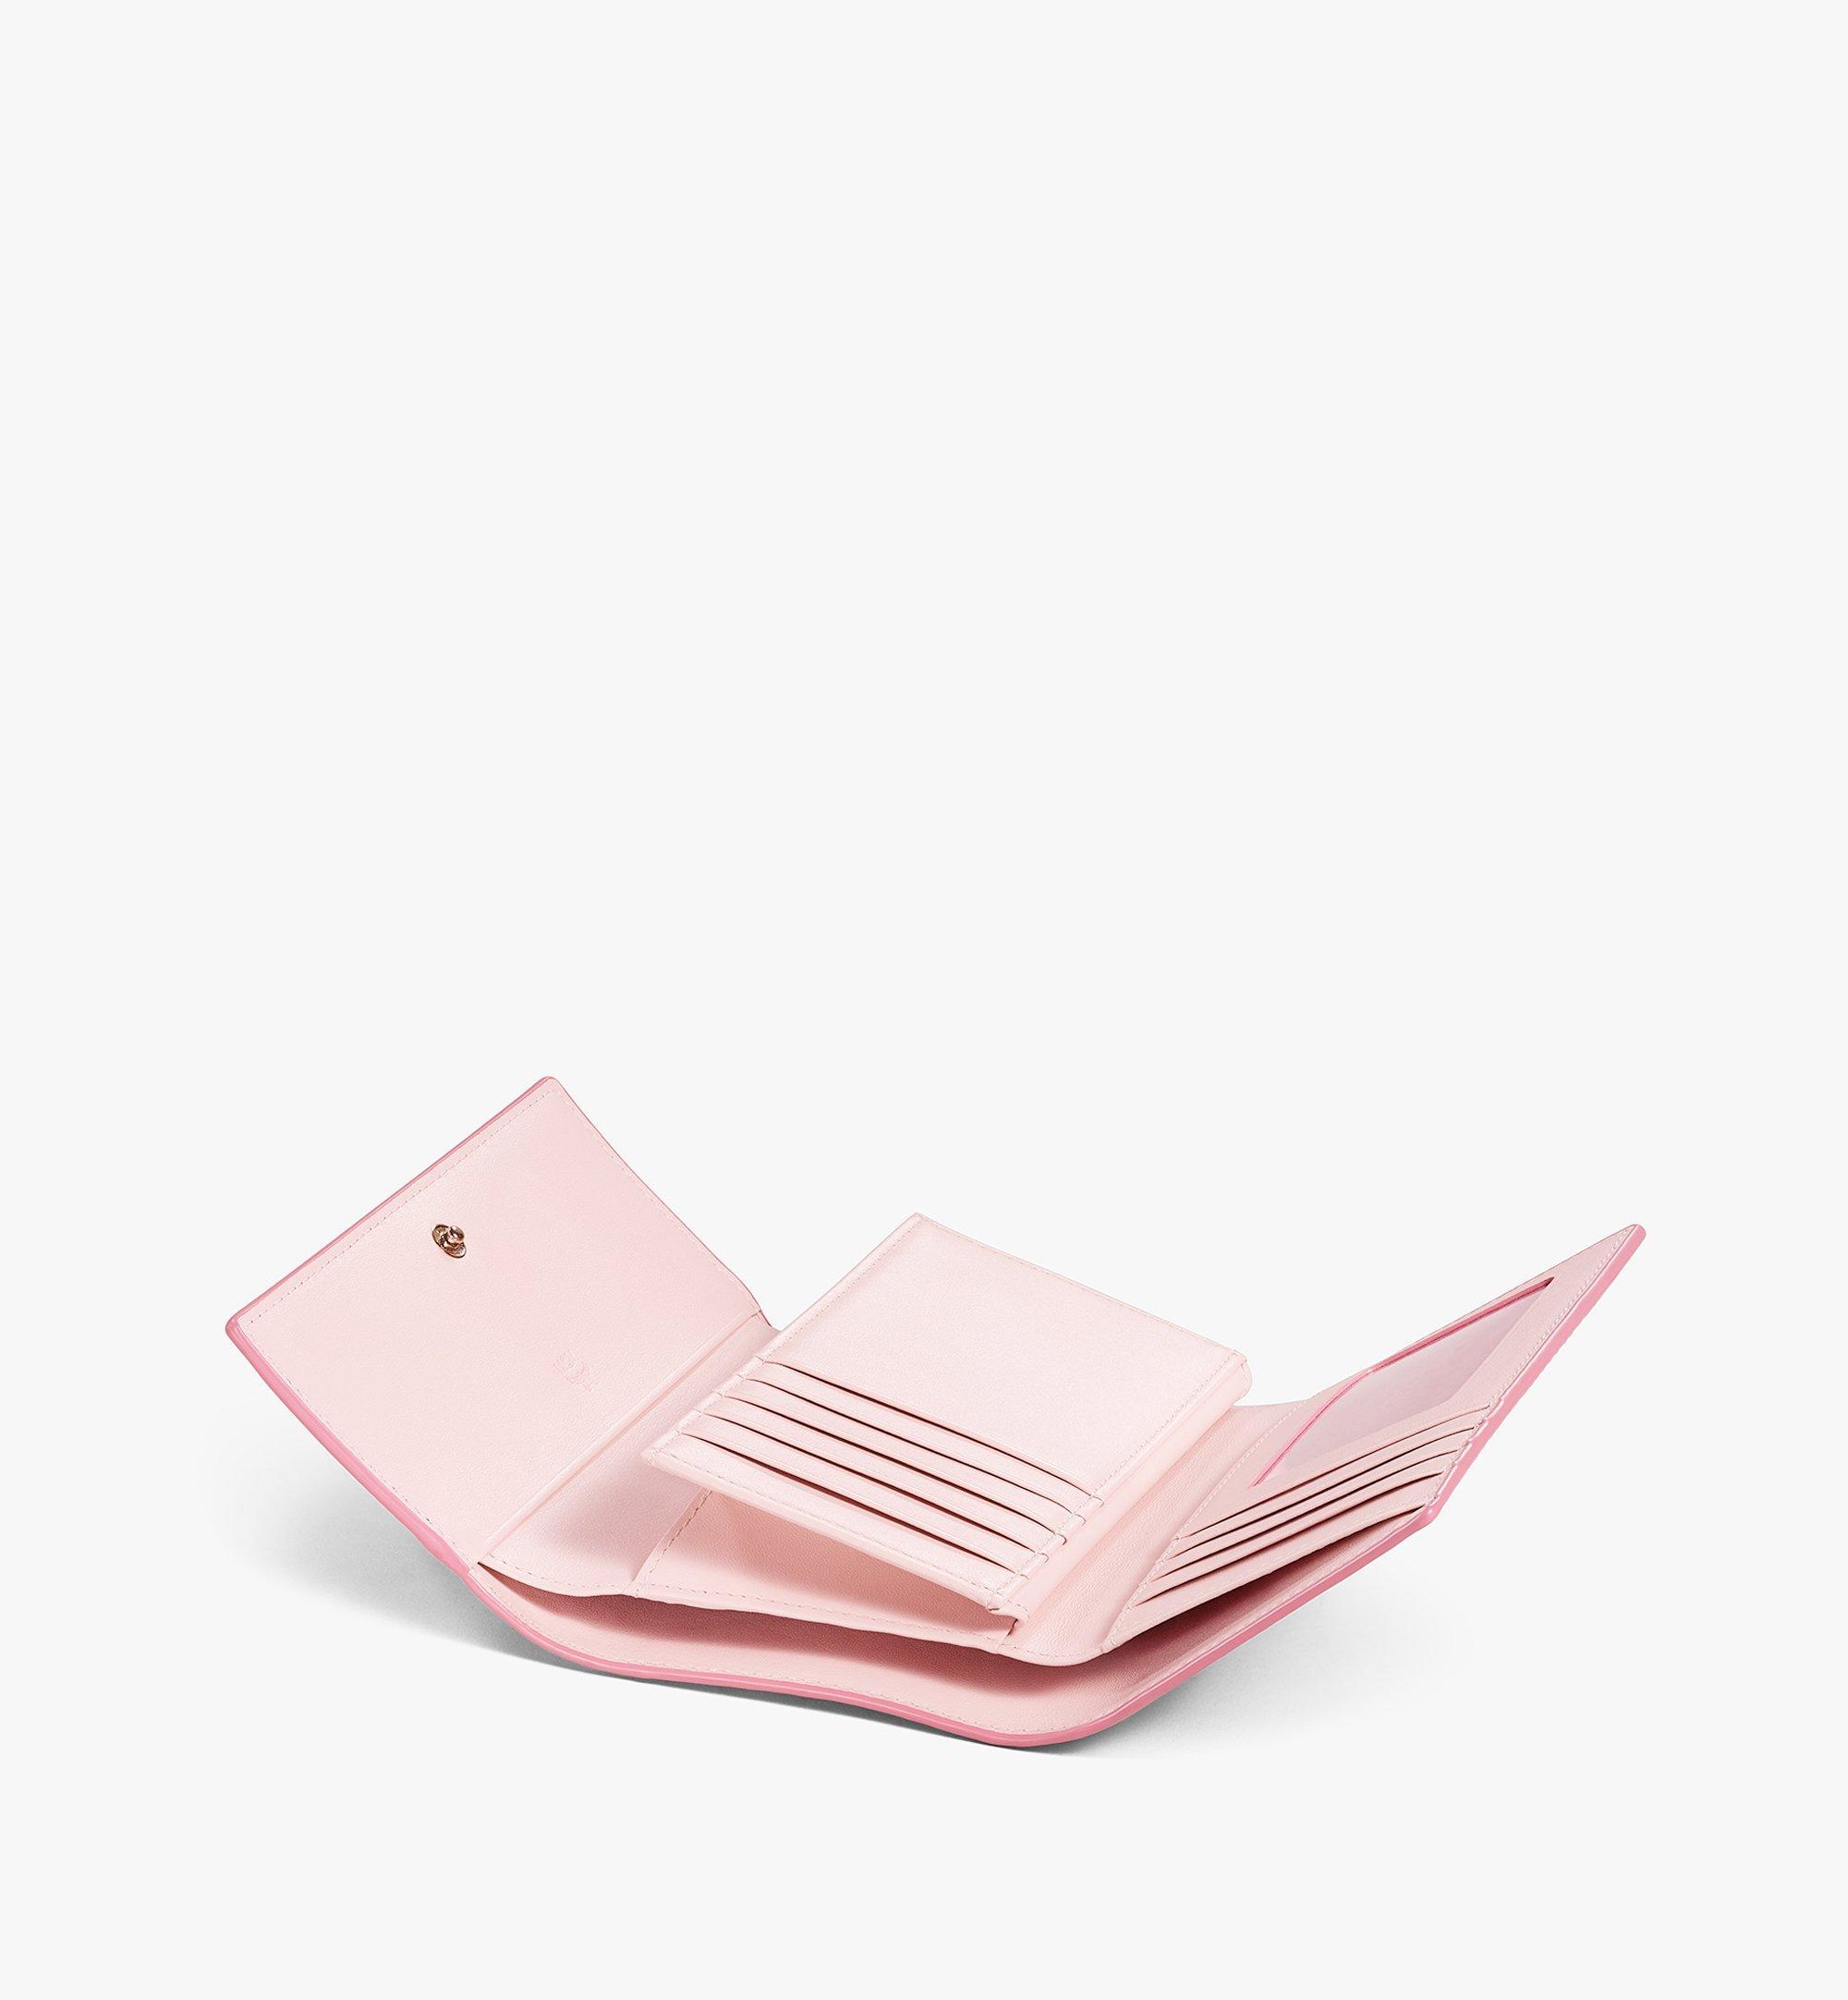 MCM 〈ヴィセトス オリジナル〉三つ折りウォレット Pink MYMAAVI01QH001 ほかの角度から見る 2